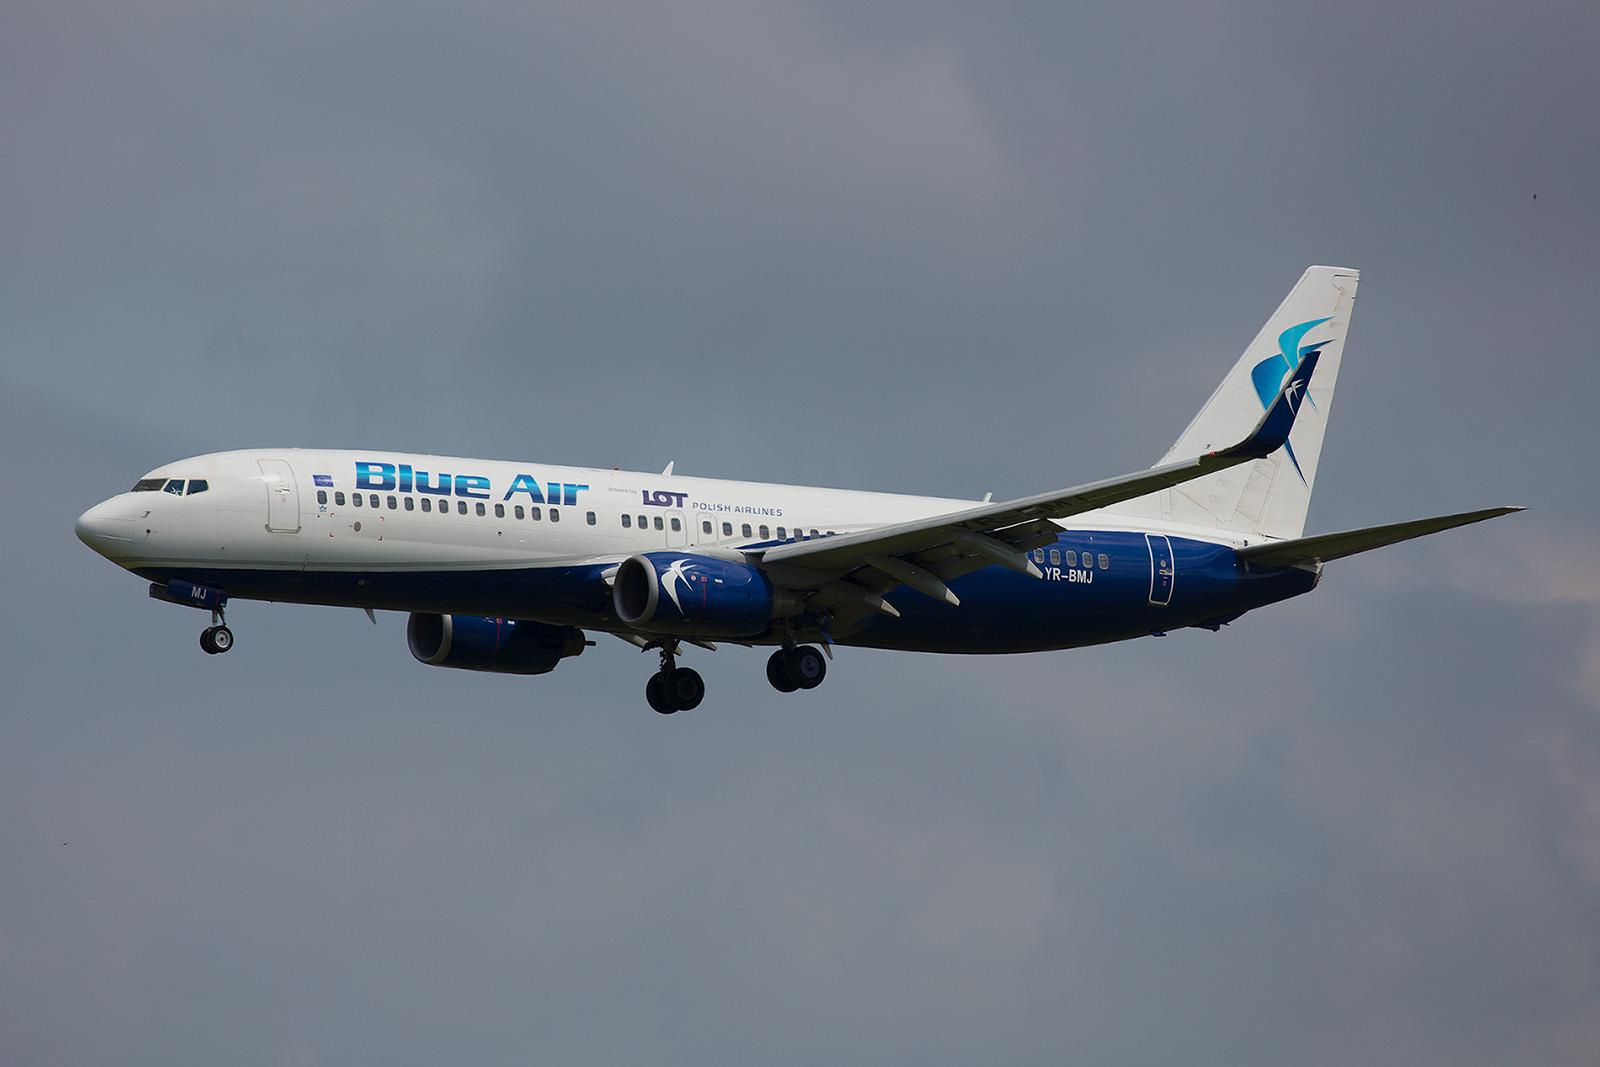 Um Engpässe in der Passagierkapazität zu kompensieren, hat LOT zwei Boeing 737 bei der rumänischen Blue Air gemietet.